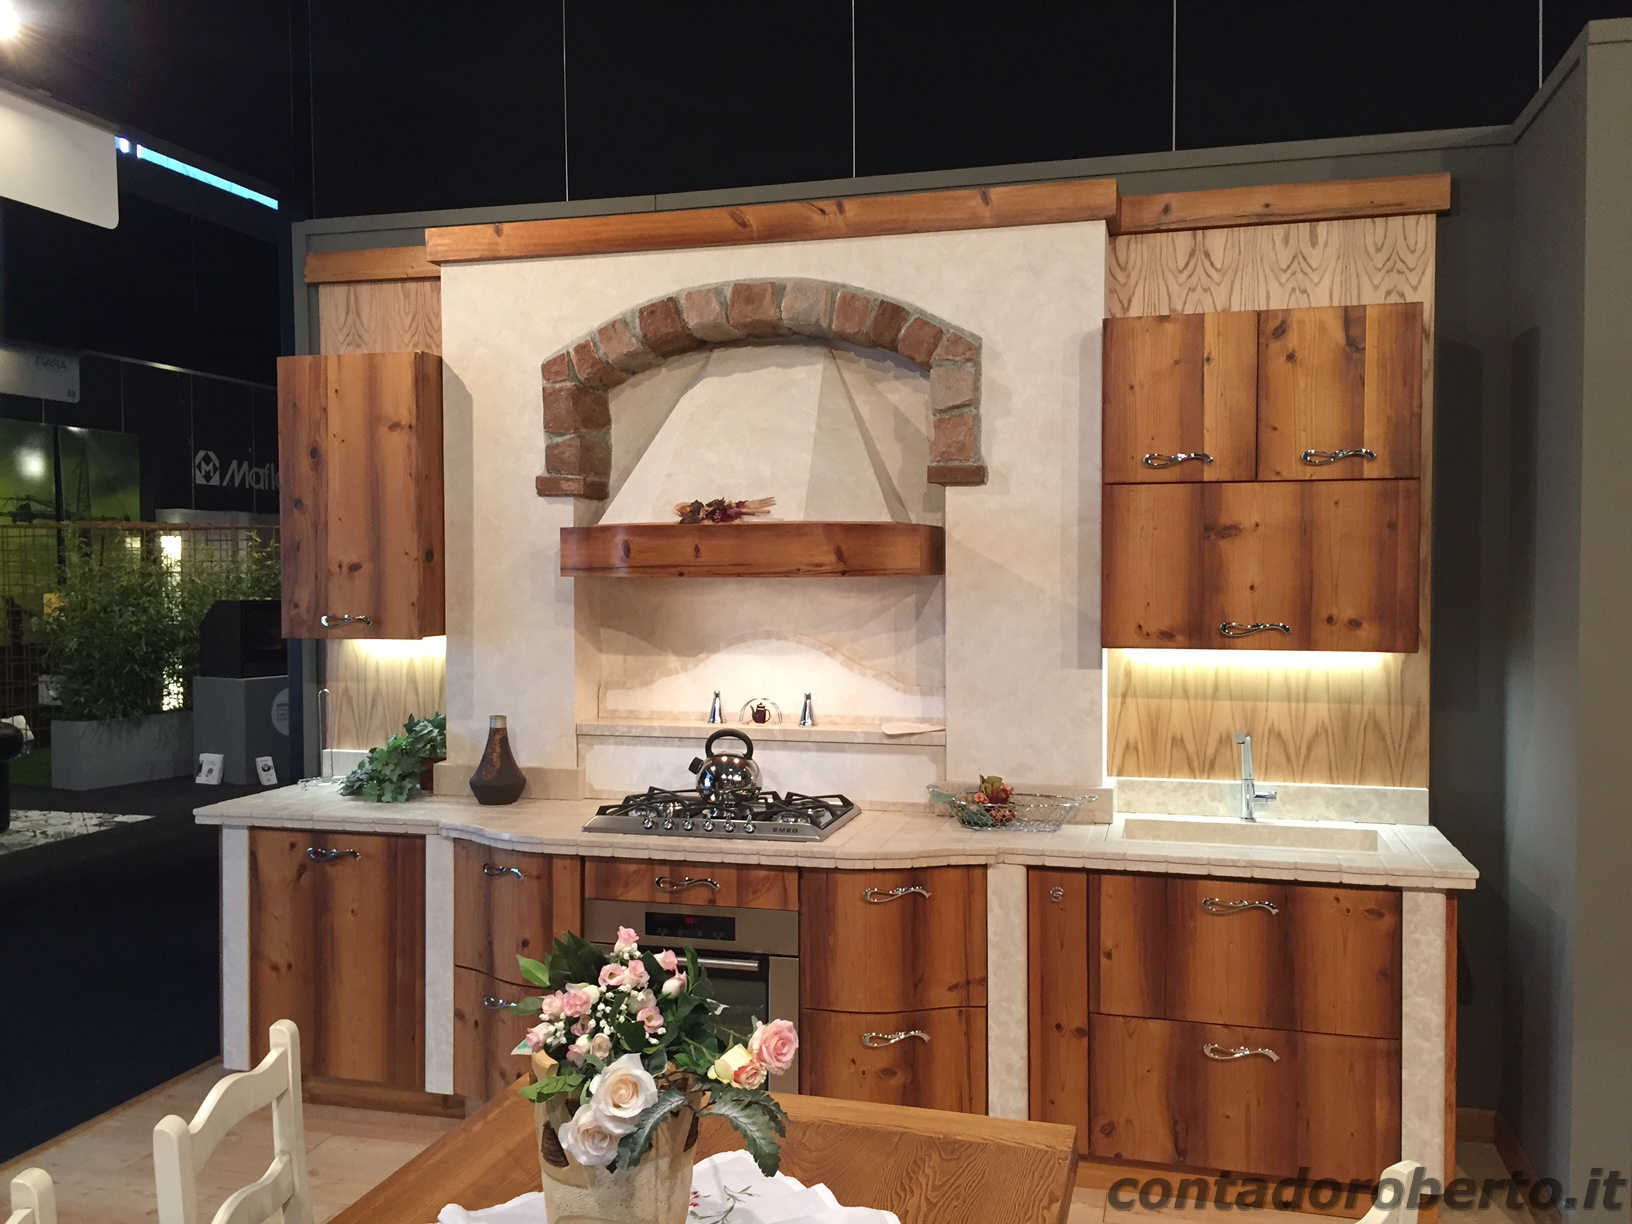 Cucina moderna in legno di larice vecchio contado for La cucina moderna wikipedia